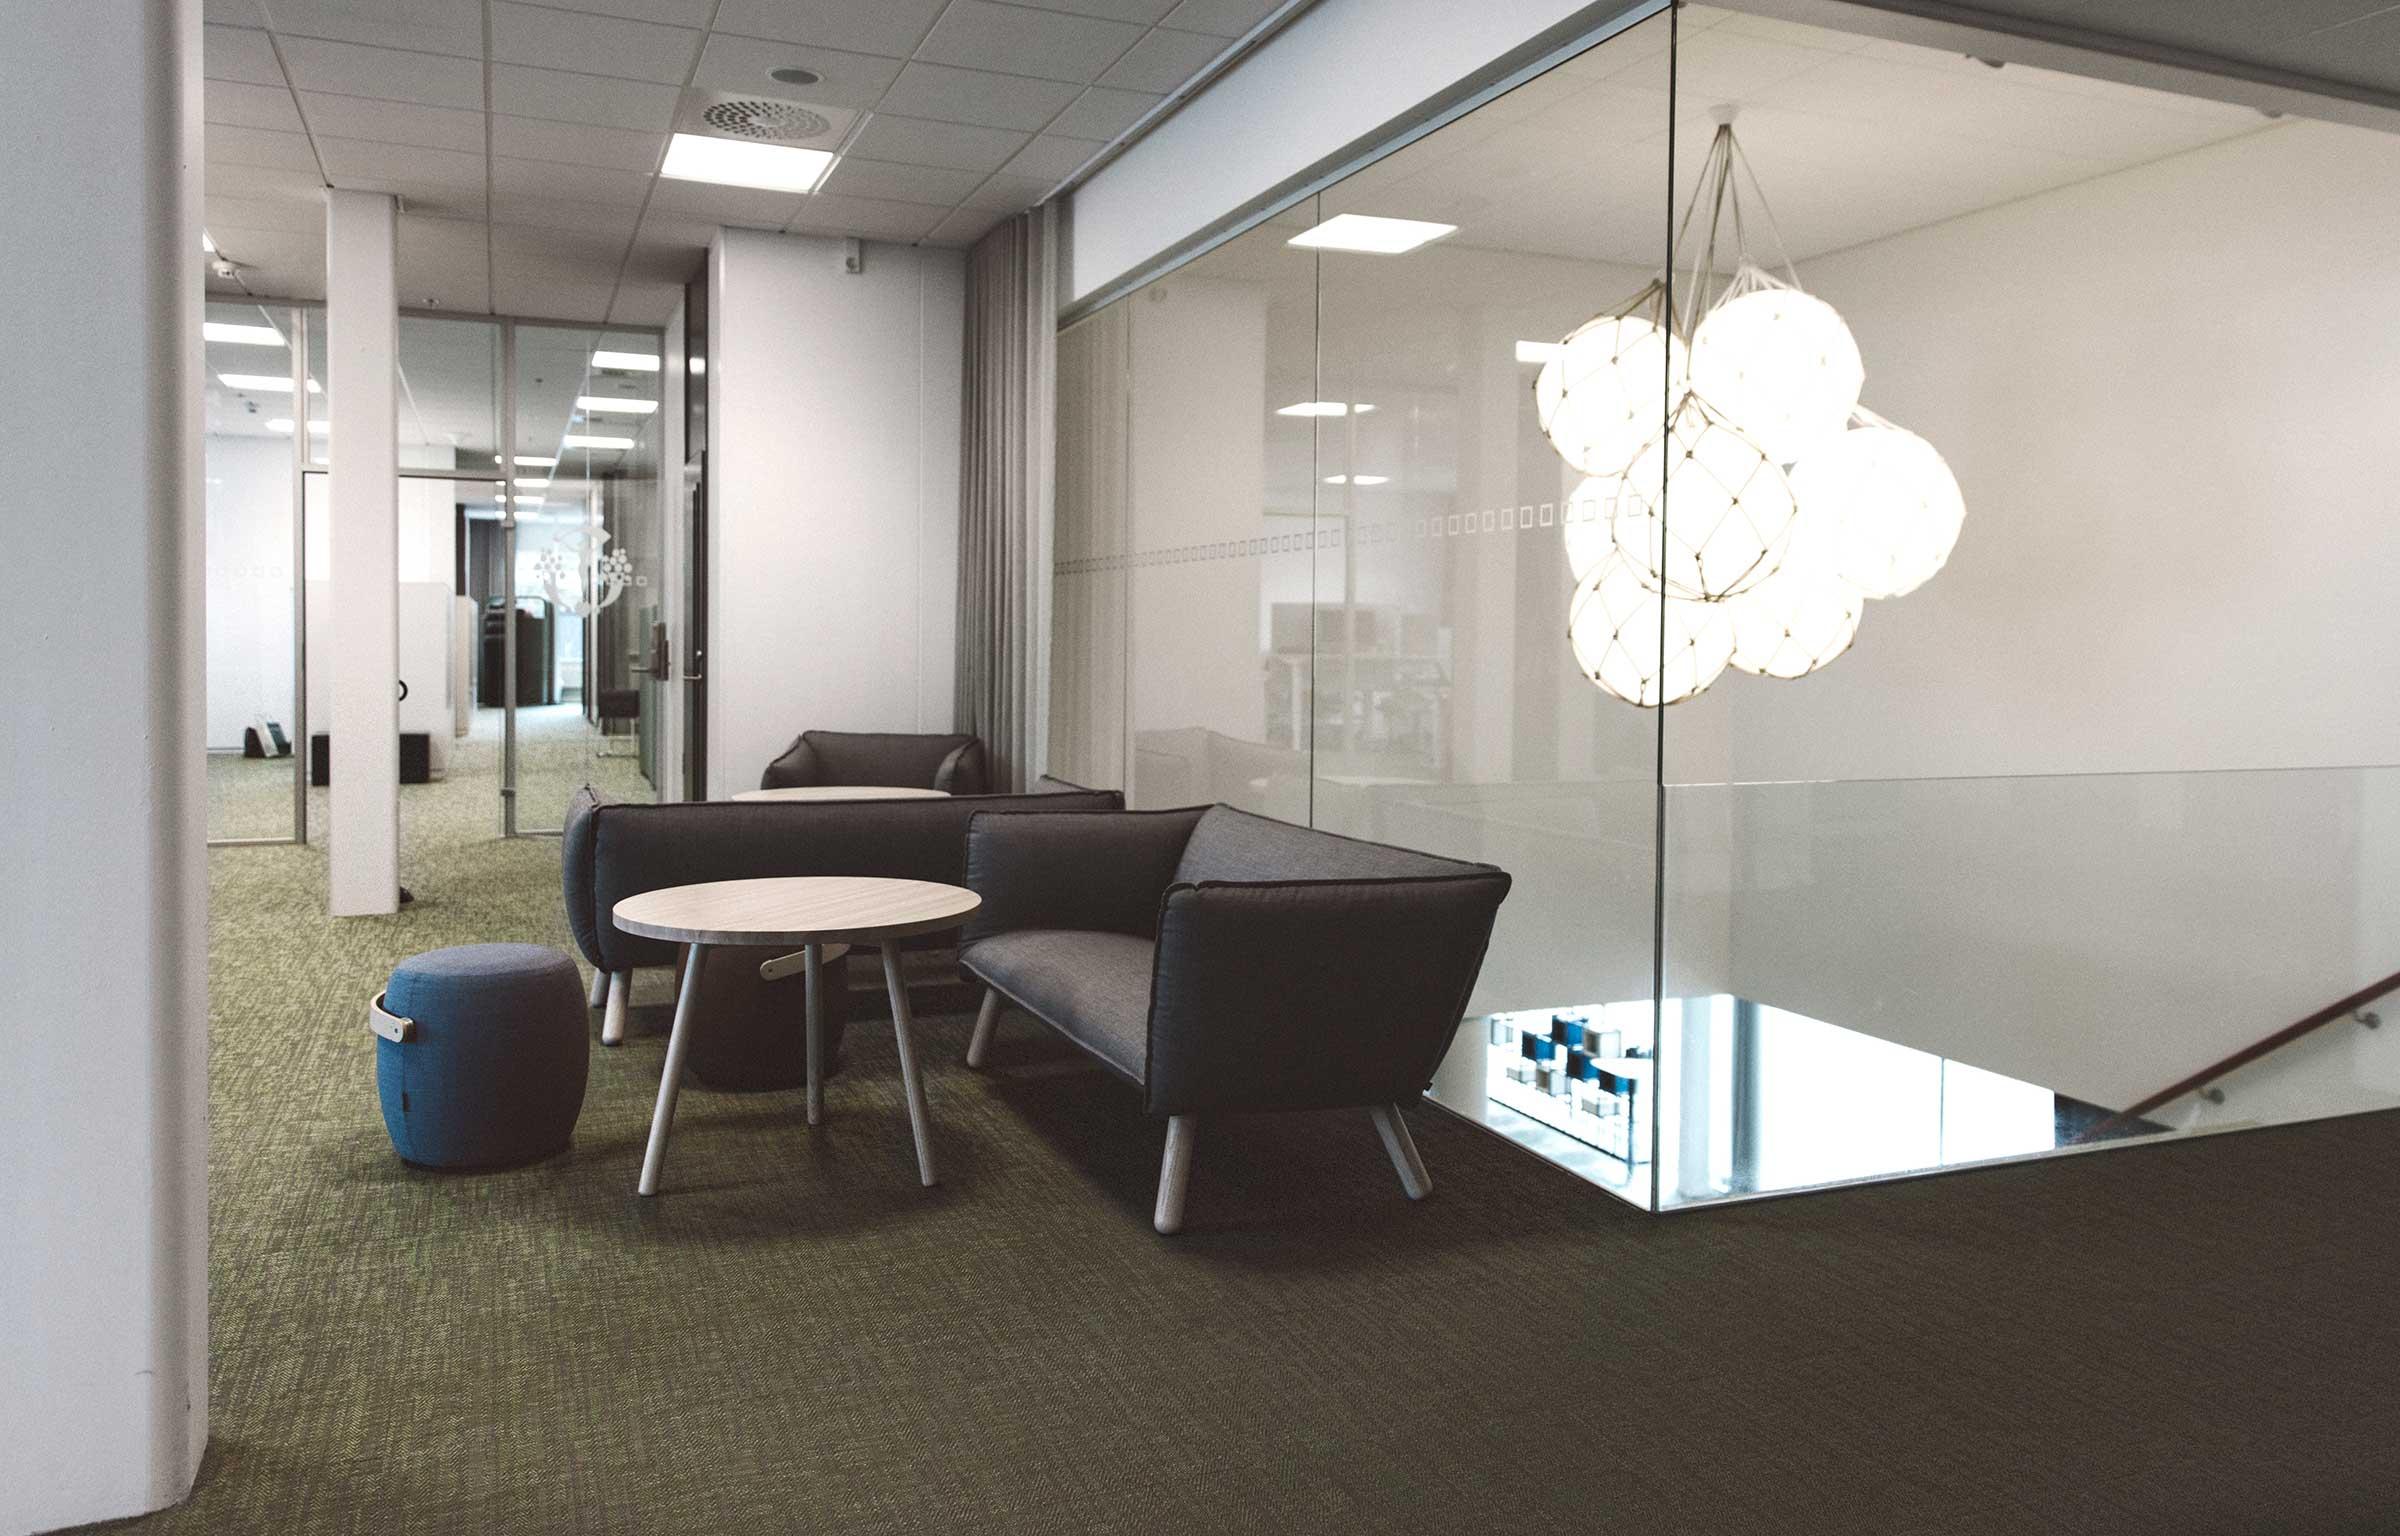 Västsvenska Handelskammaren uses Bolon flooring for its offices and open conference areas.